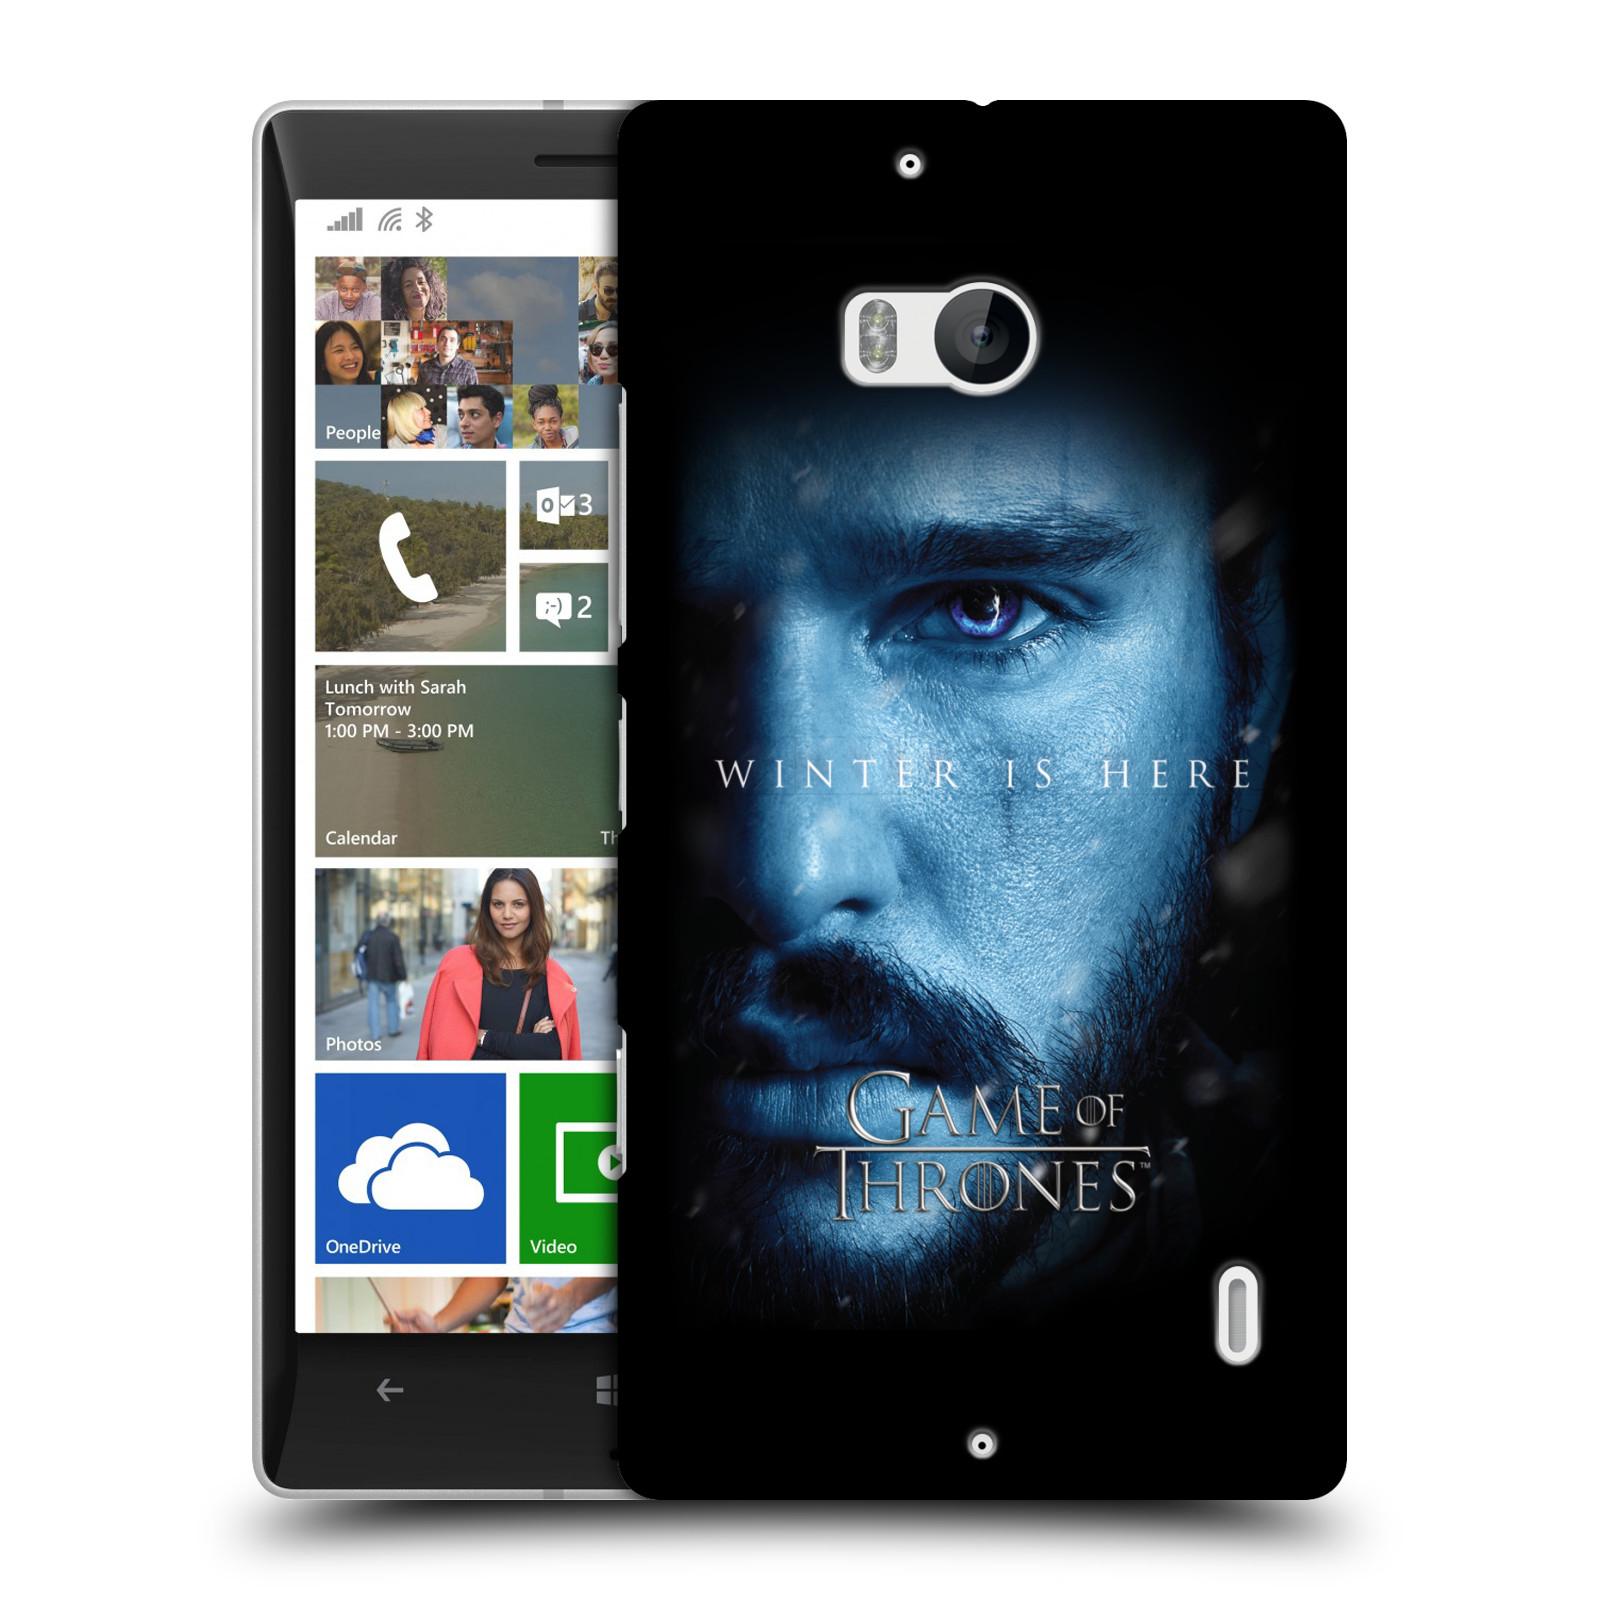 Plastové pouzdro na mobil Nokia Lumia 930 - Head Case - Hra o trůny - Jon Snow - Winter is here (Plastový kryt či obal na mobilní telefon s motivem Game of Thrones - Jon Snow - Winter is here - Season 7 pro Nokia Lumia 930)